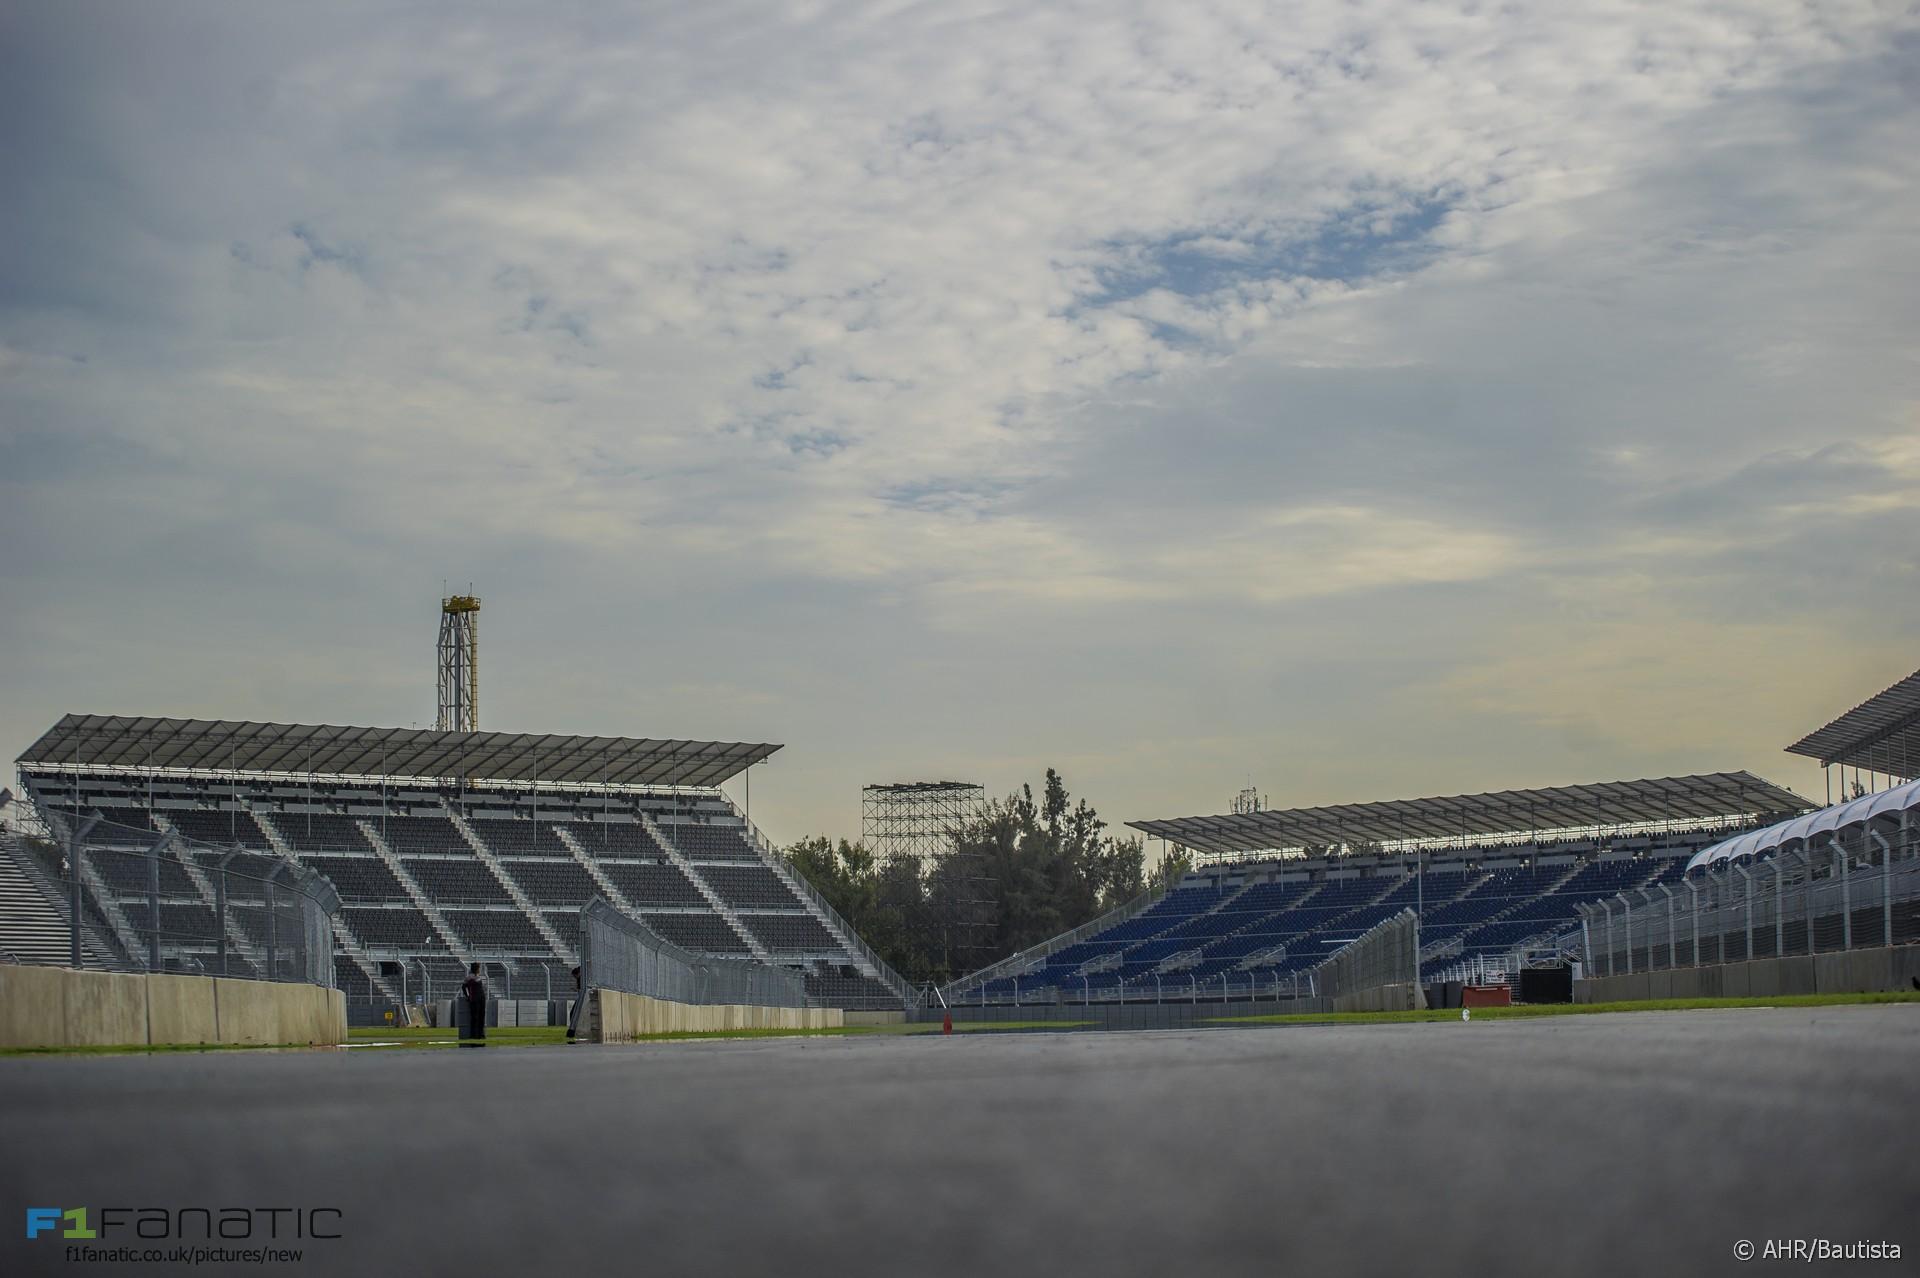 Autodromo hermanos rodriguez 2015 f1 fanatic for Puerta 5 autodromo hermanos rodriguez